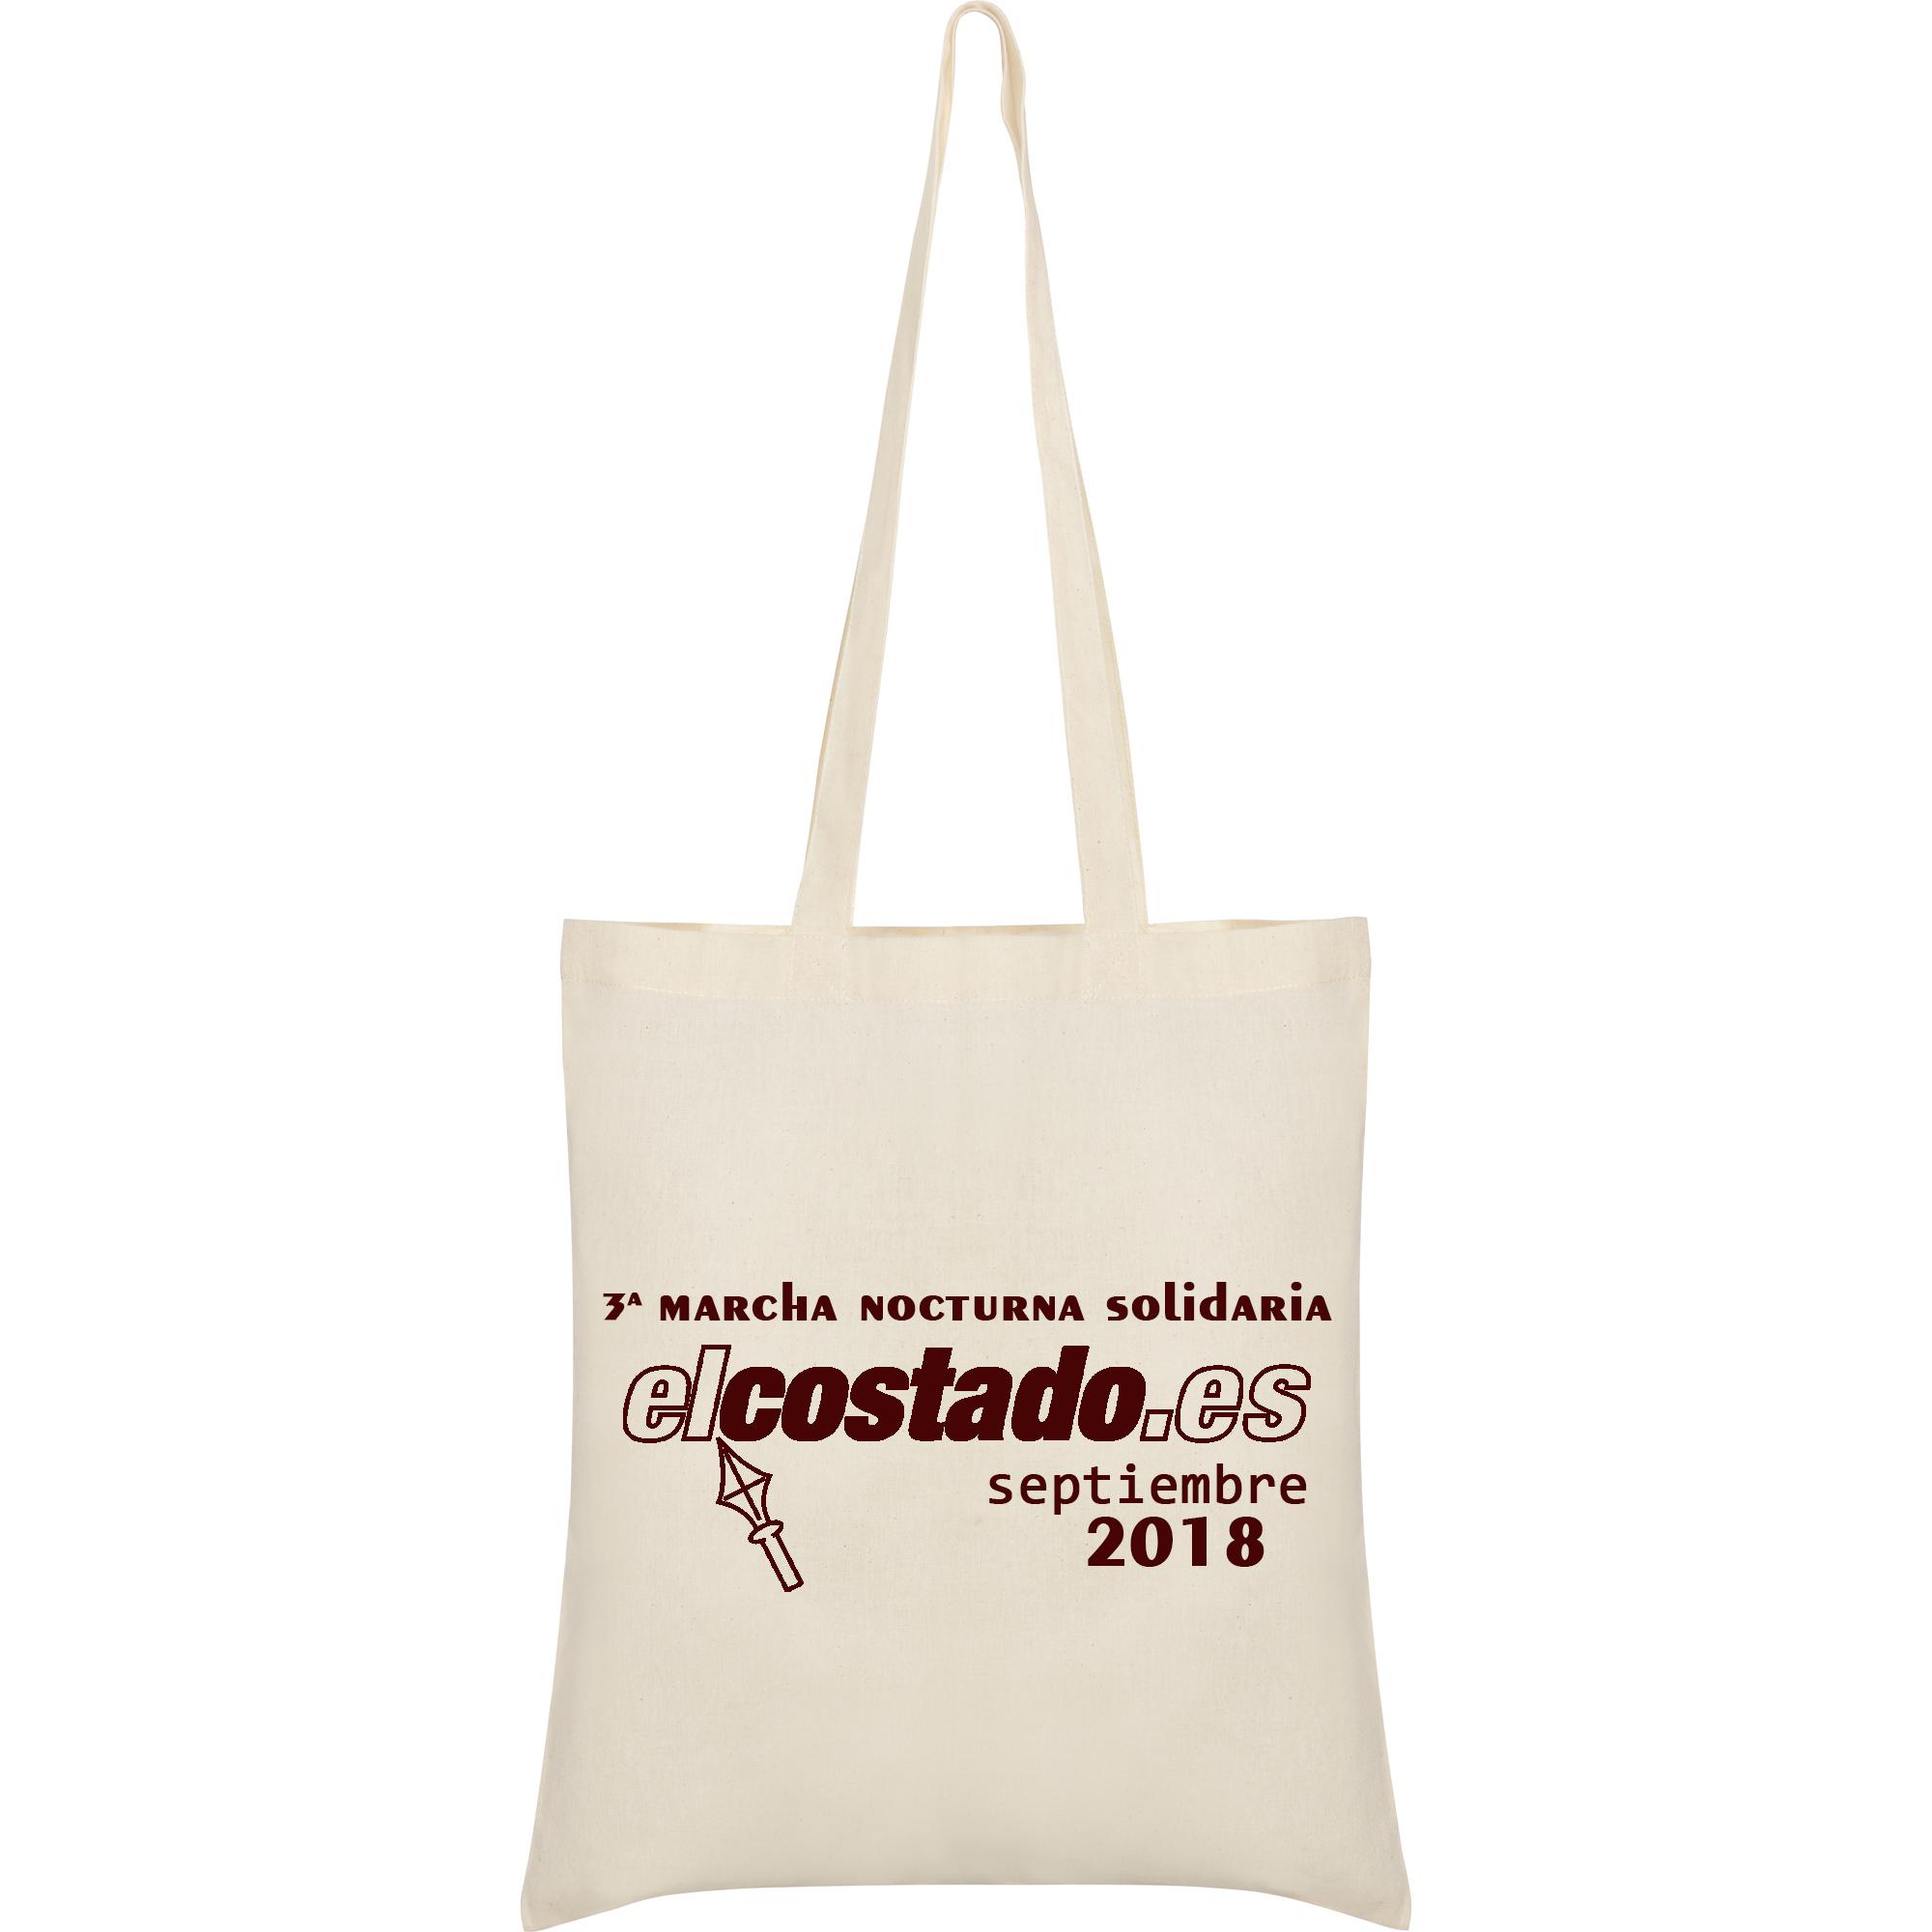 Obsequio Marcha 2018